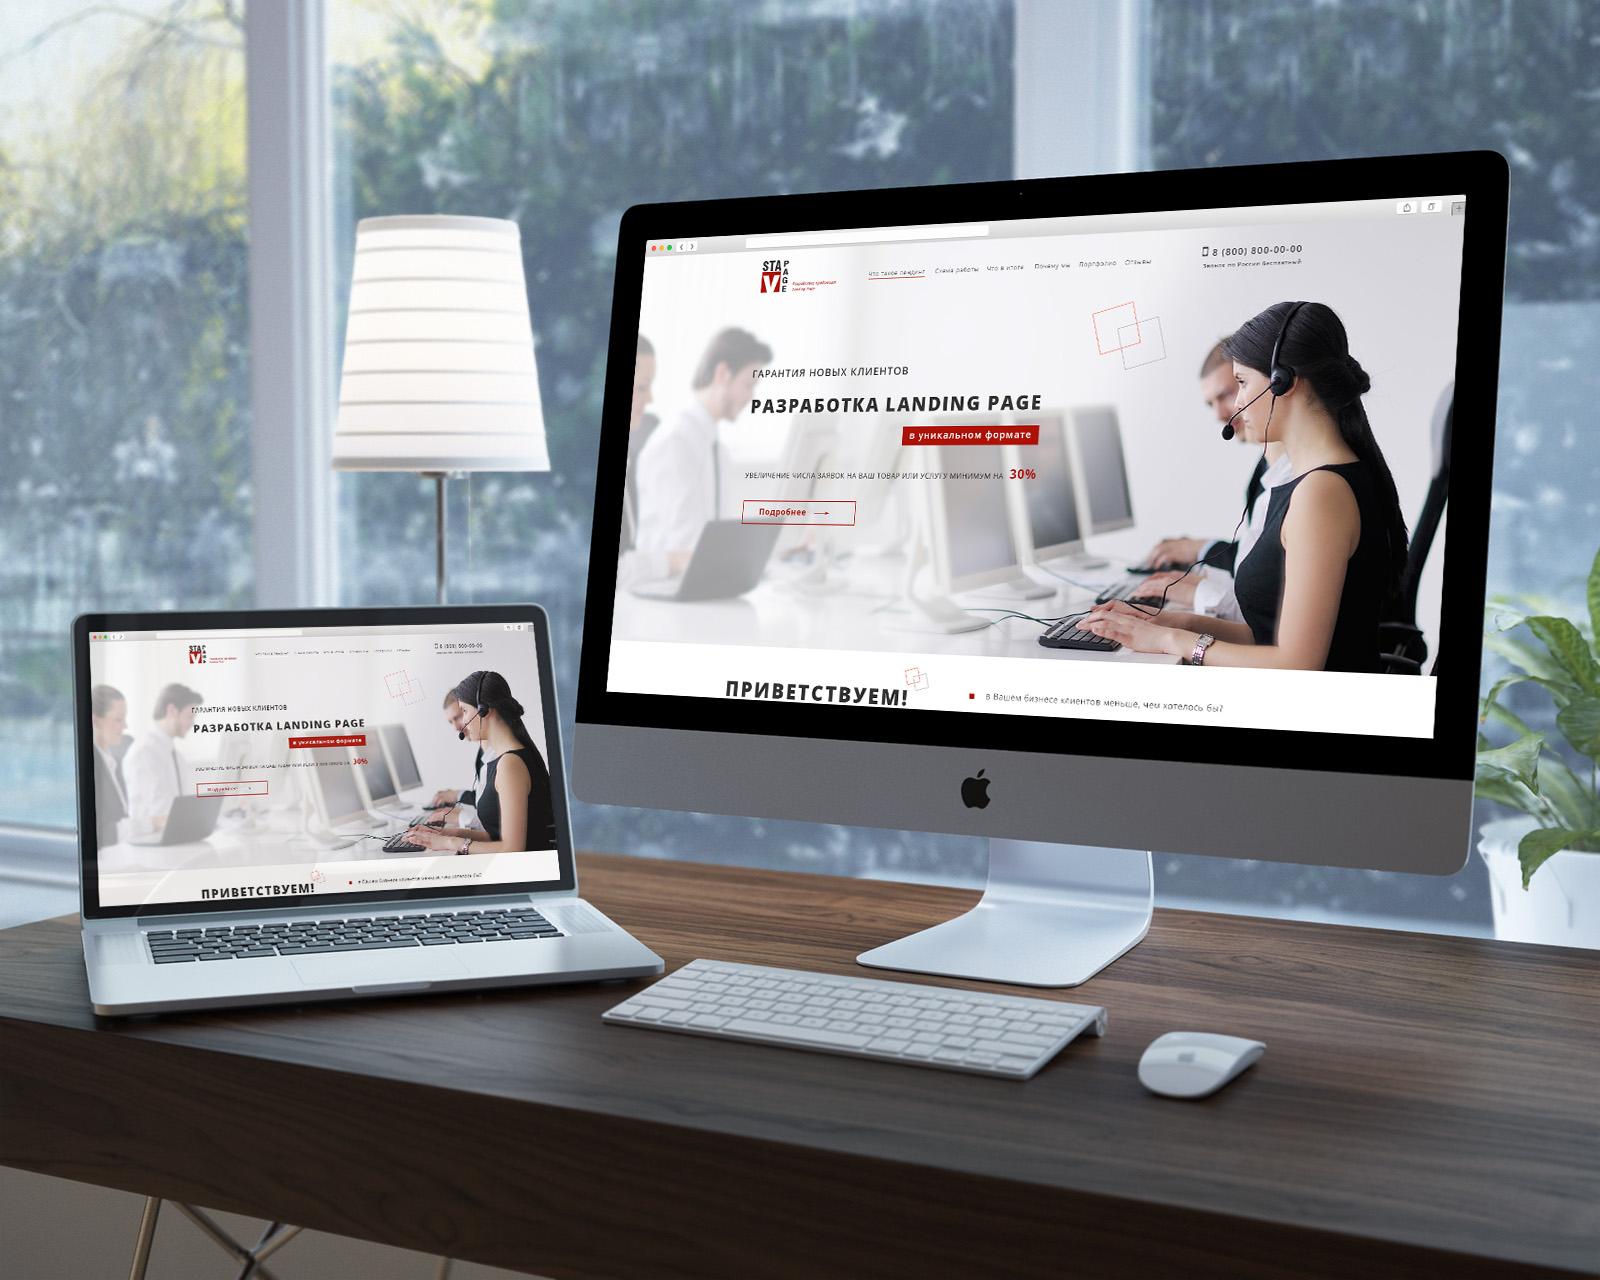 Веб студии создание сайтов рекомендации по созданию сайта интернет магазина